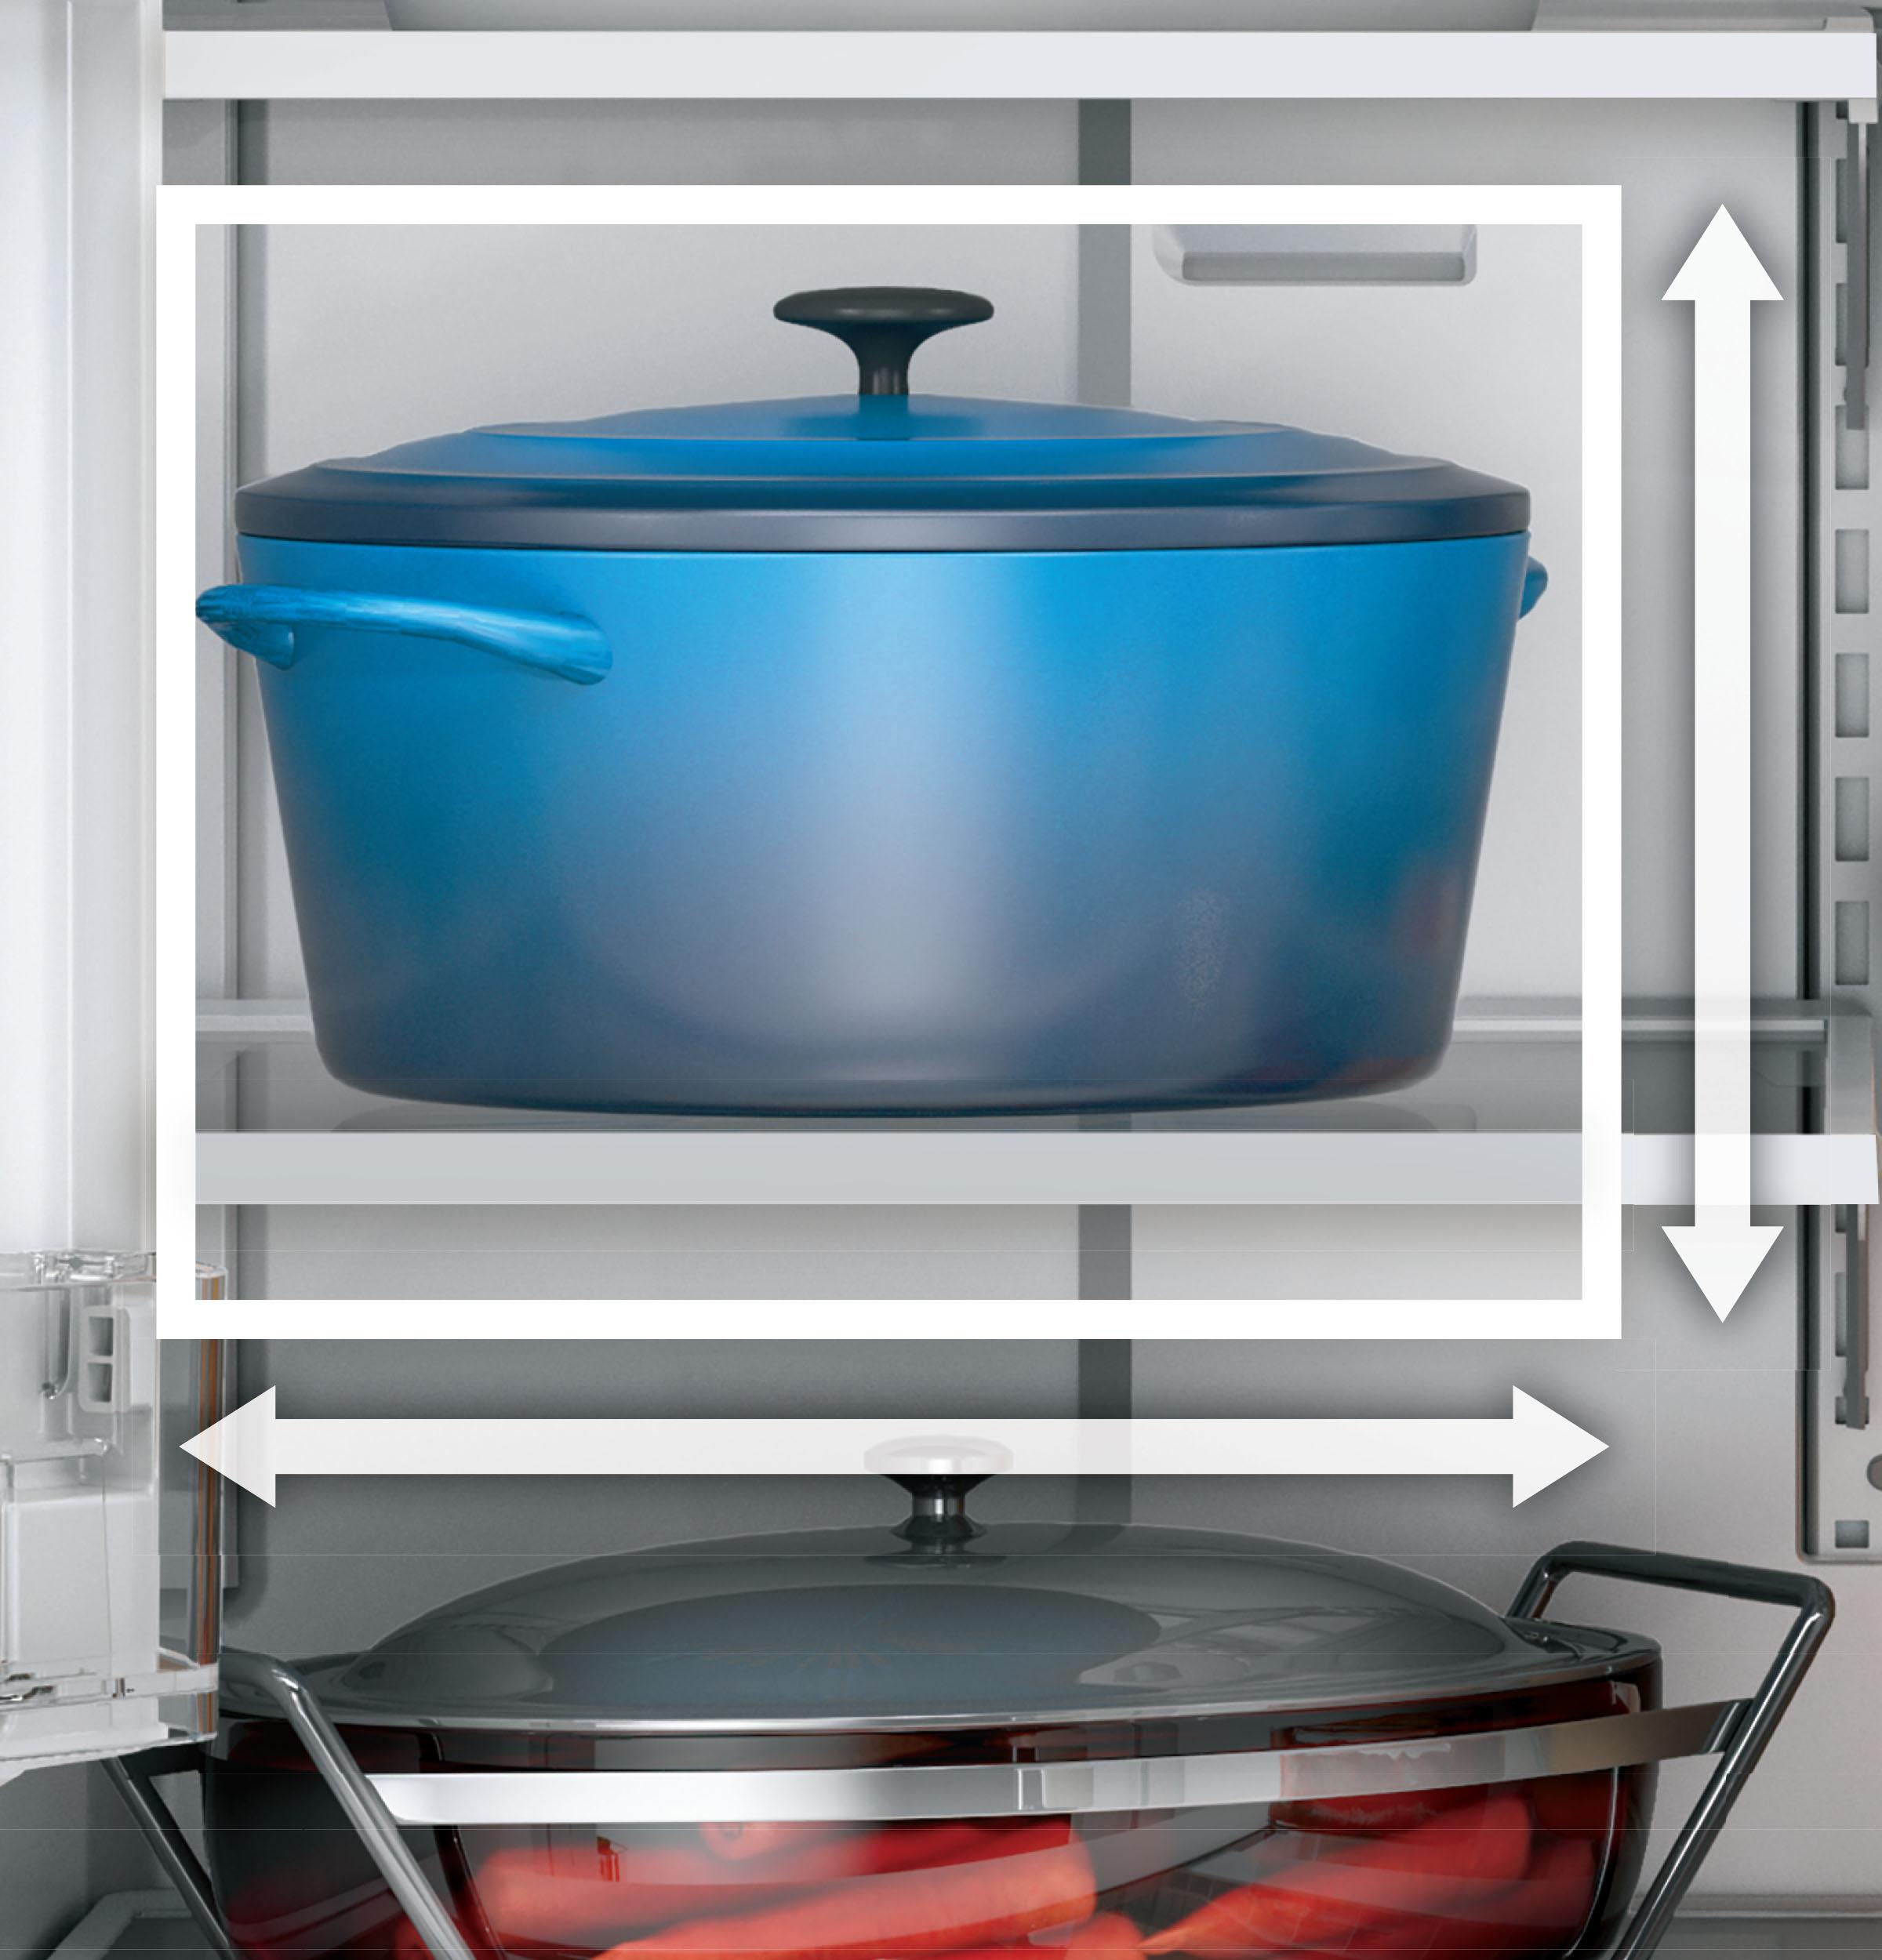 Model: GFE28GELDS | GE GE® ENERGY STAR® 27.7 Cu. Ft. French-Door Refrigerator